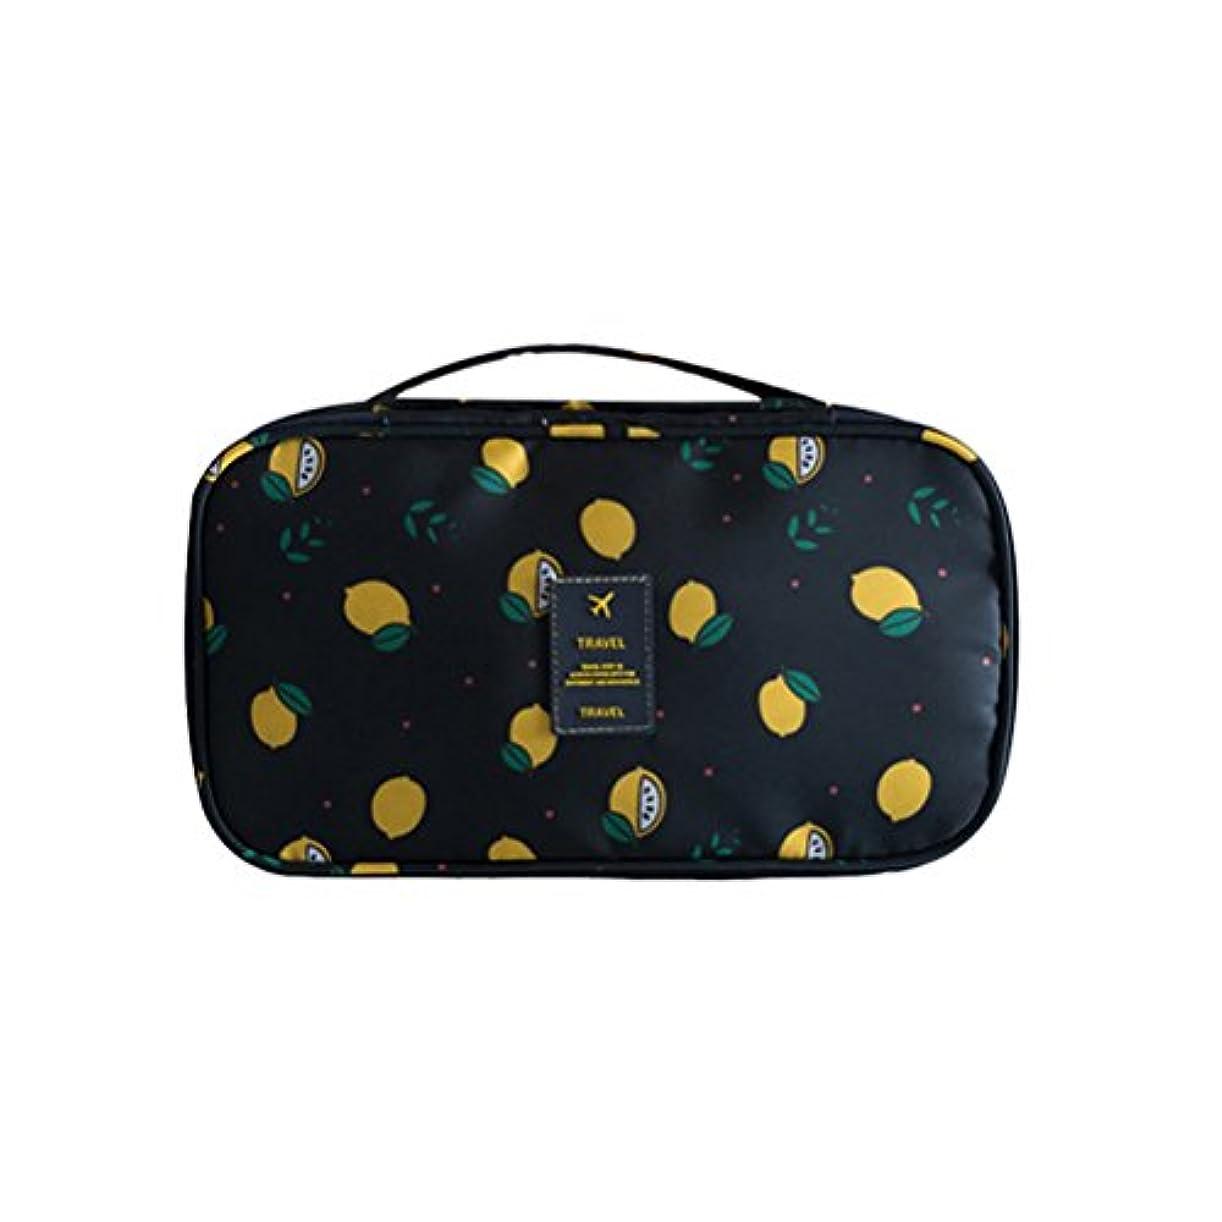 OUNONA トラベルバッグ ランジェリーケース ブラジャー収納 オーガナイザー ポーチ ランジェリートラベルケース ポータブル ブラ、靴下、下着、化粧品などの保管(ブラックレモン)